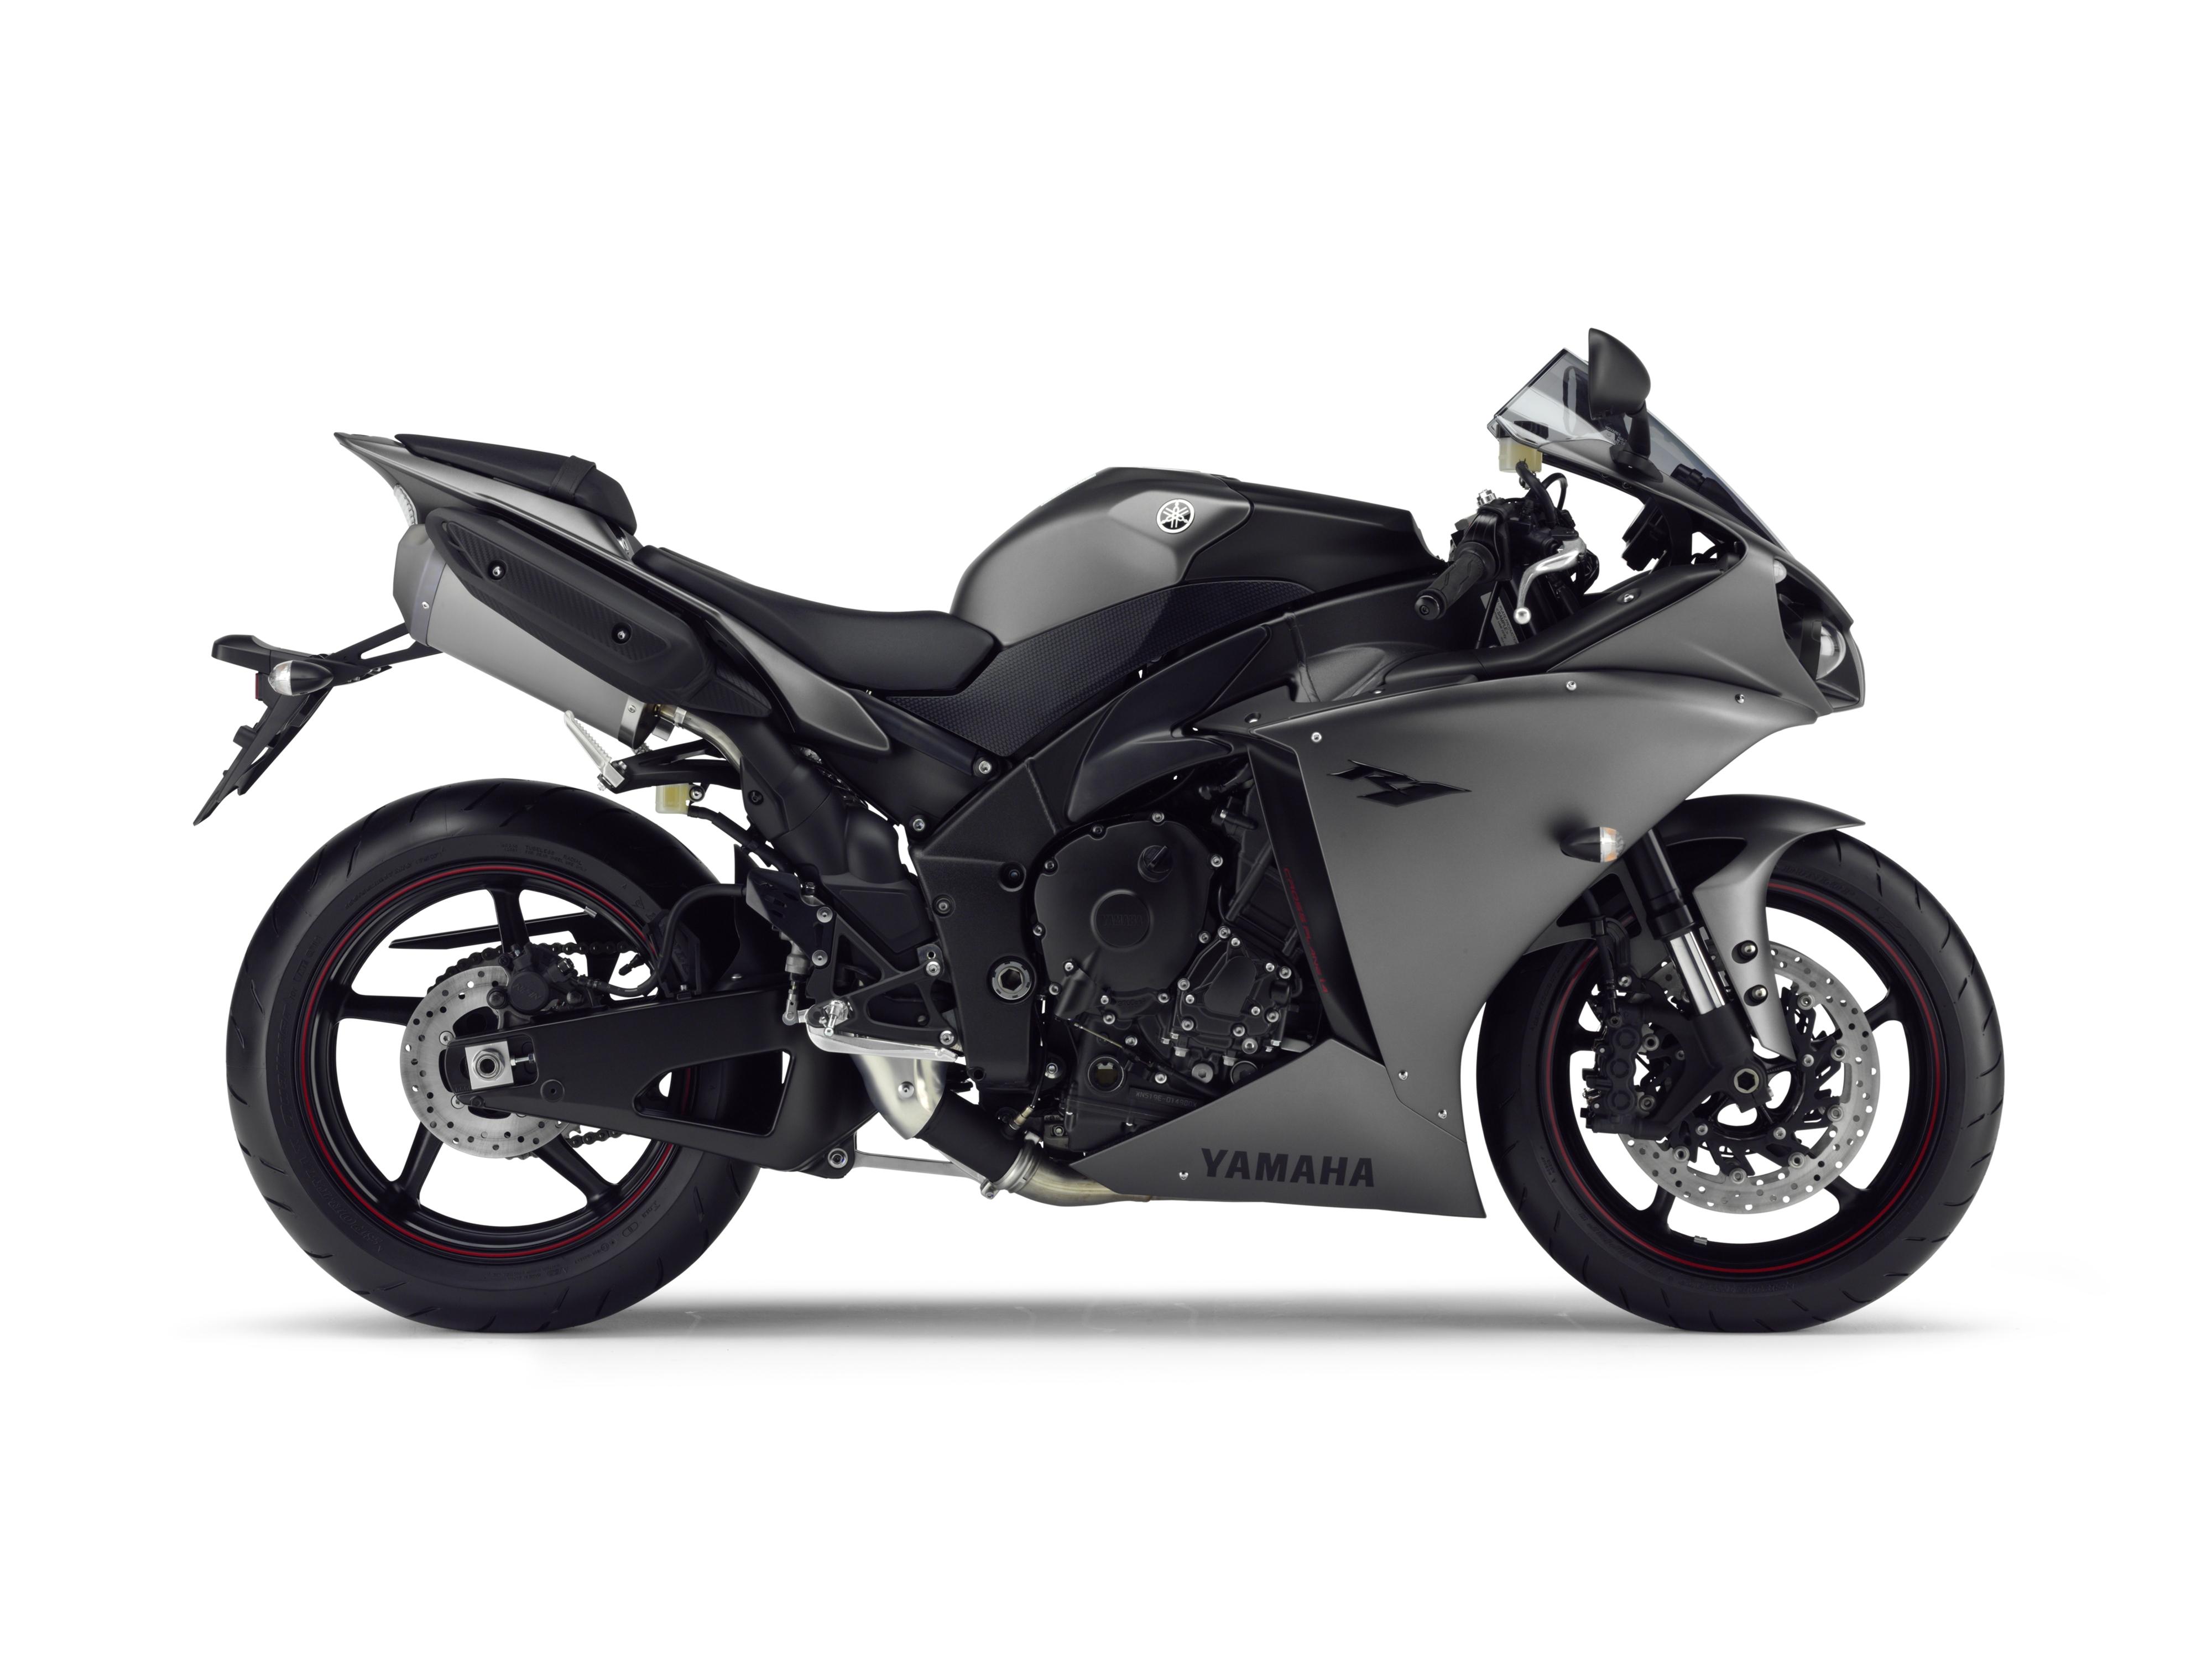 Yzf R1 2012 Teknik özellikler Yamaha Motor